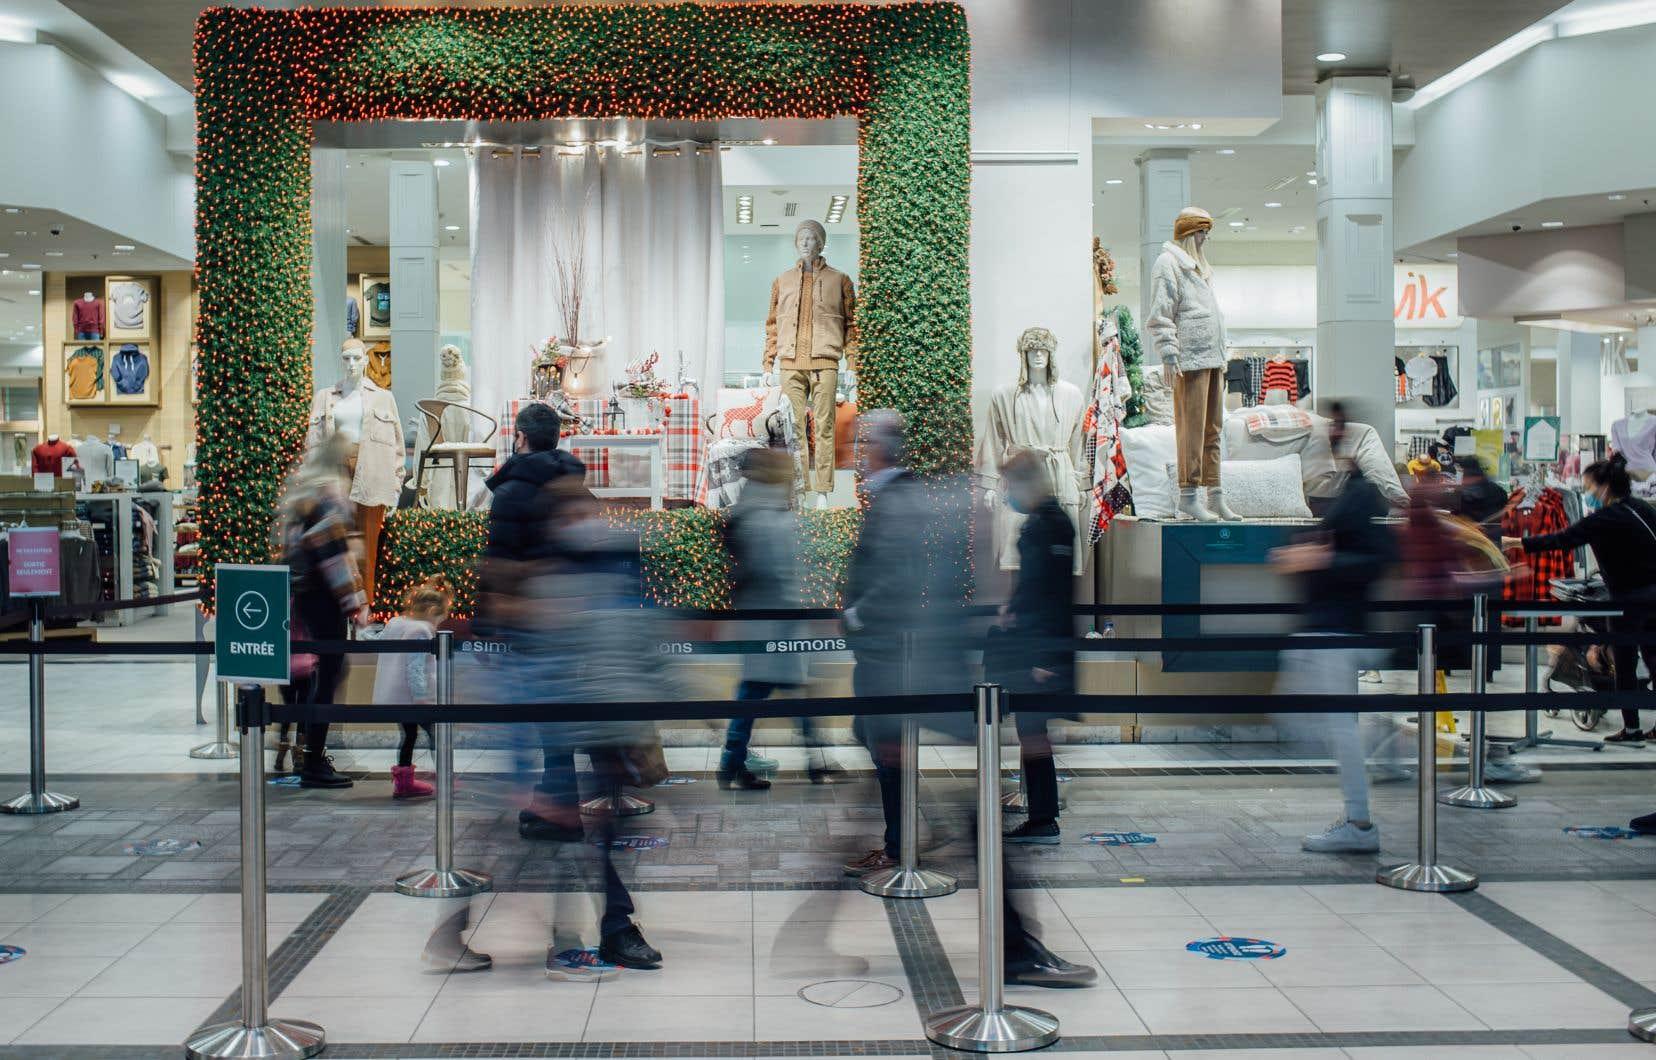 L'achalandage dans les centres commerciaux de la grande région de Montréal, comme ici au Carrefour Laval, était supérieur cette fin de semaine à celui des dernières semaines, mais cependant très loin des niveaux pré-COVID-19 pour la même période de l'année.